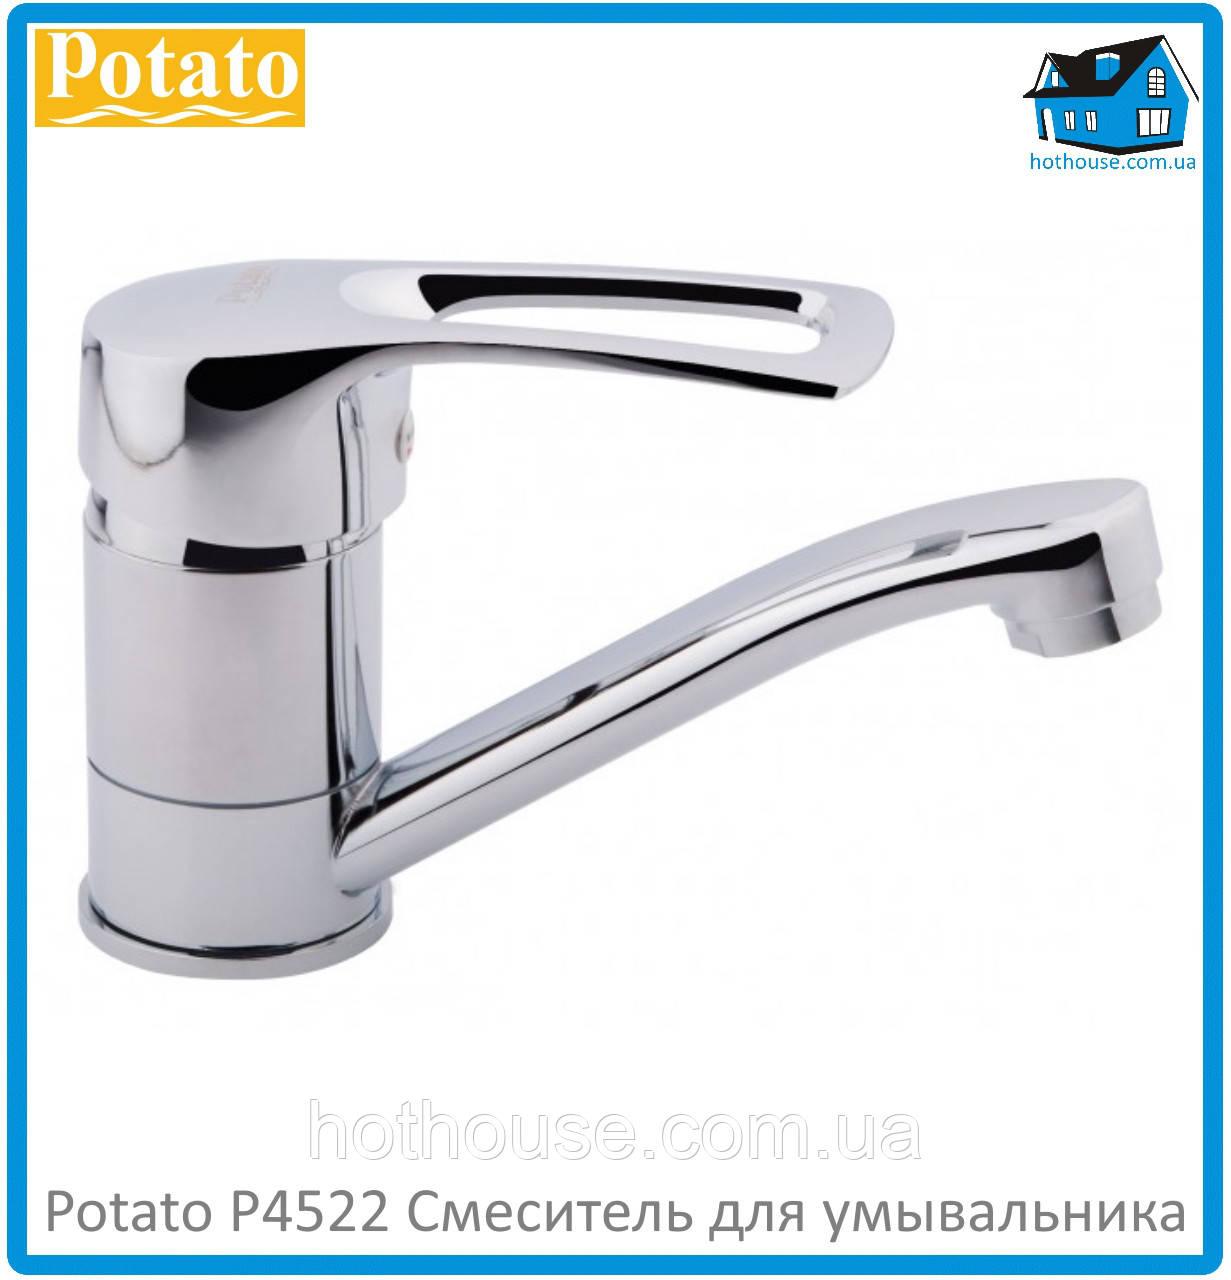 Смеситель для умывальника Potato P4522